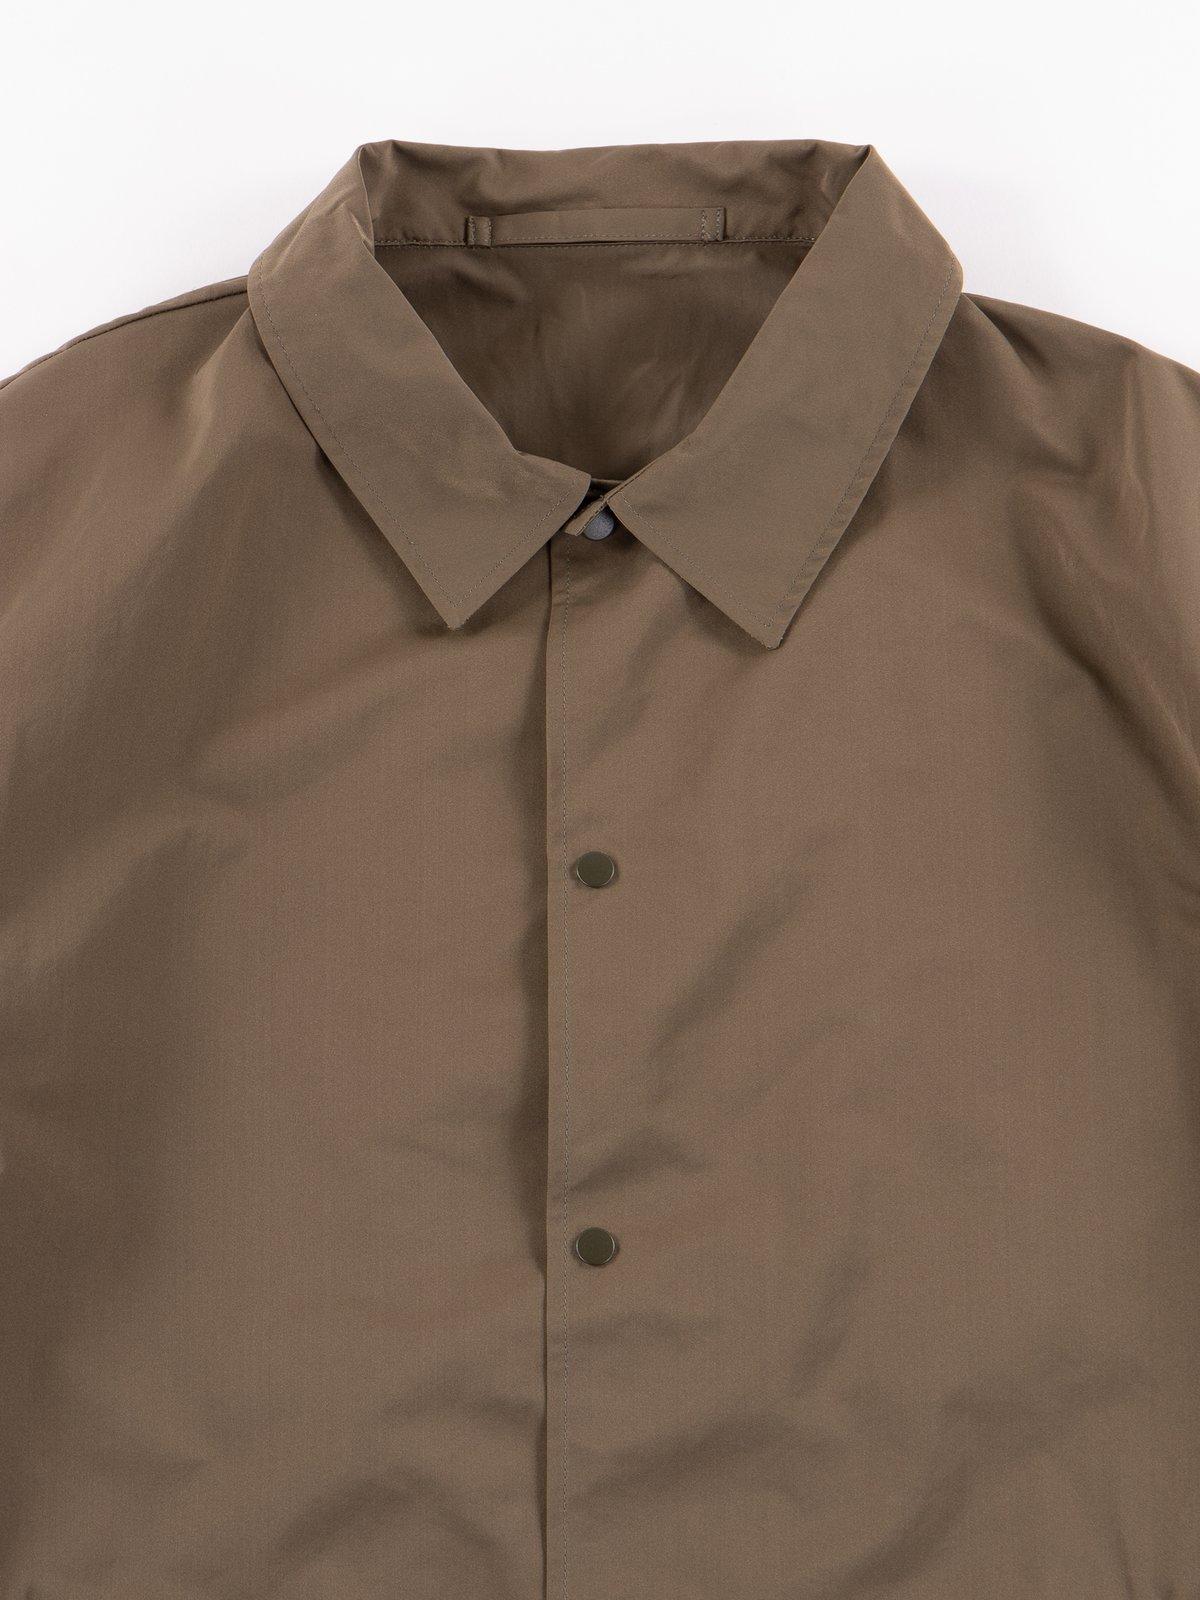 Khaki Coach Jacket - Image 4